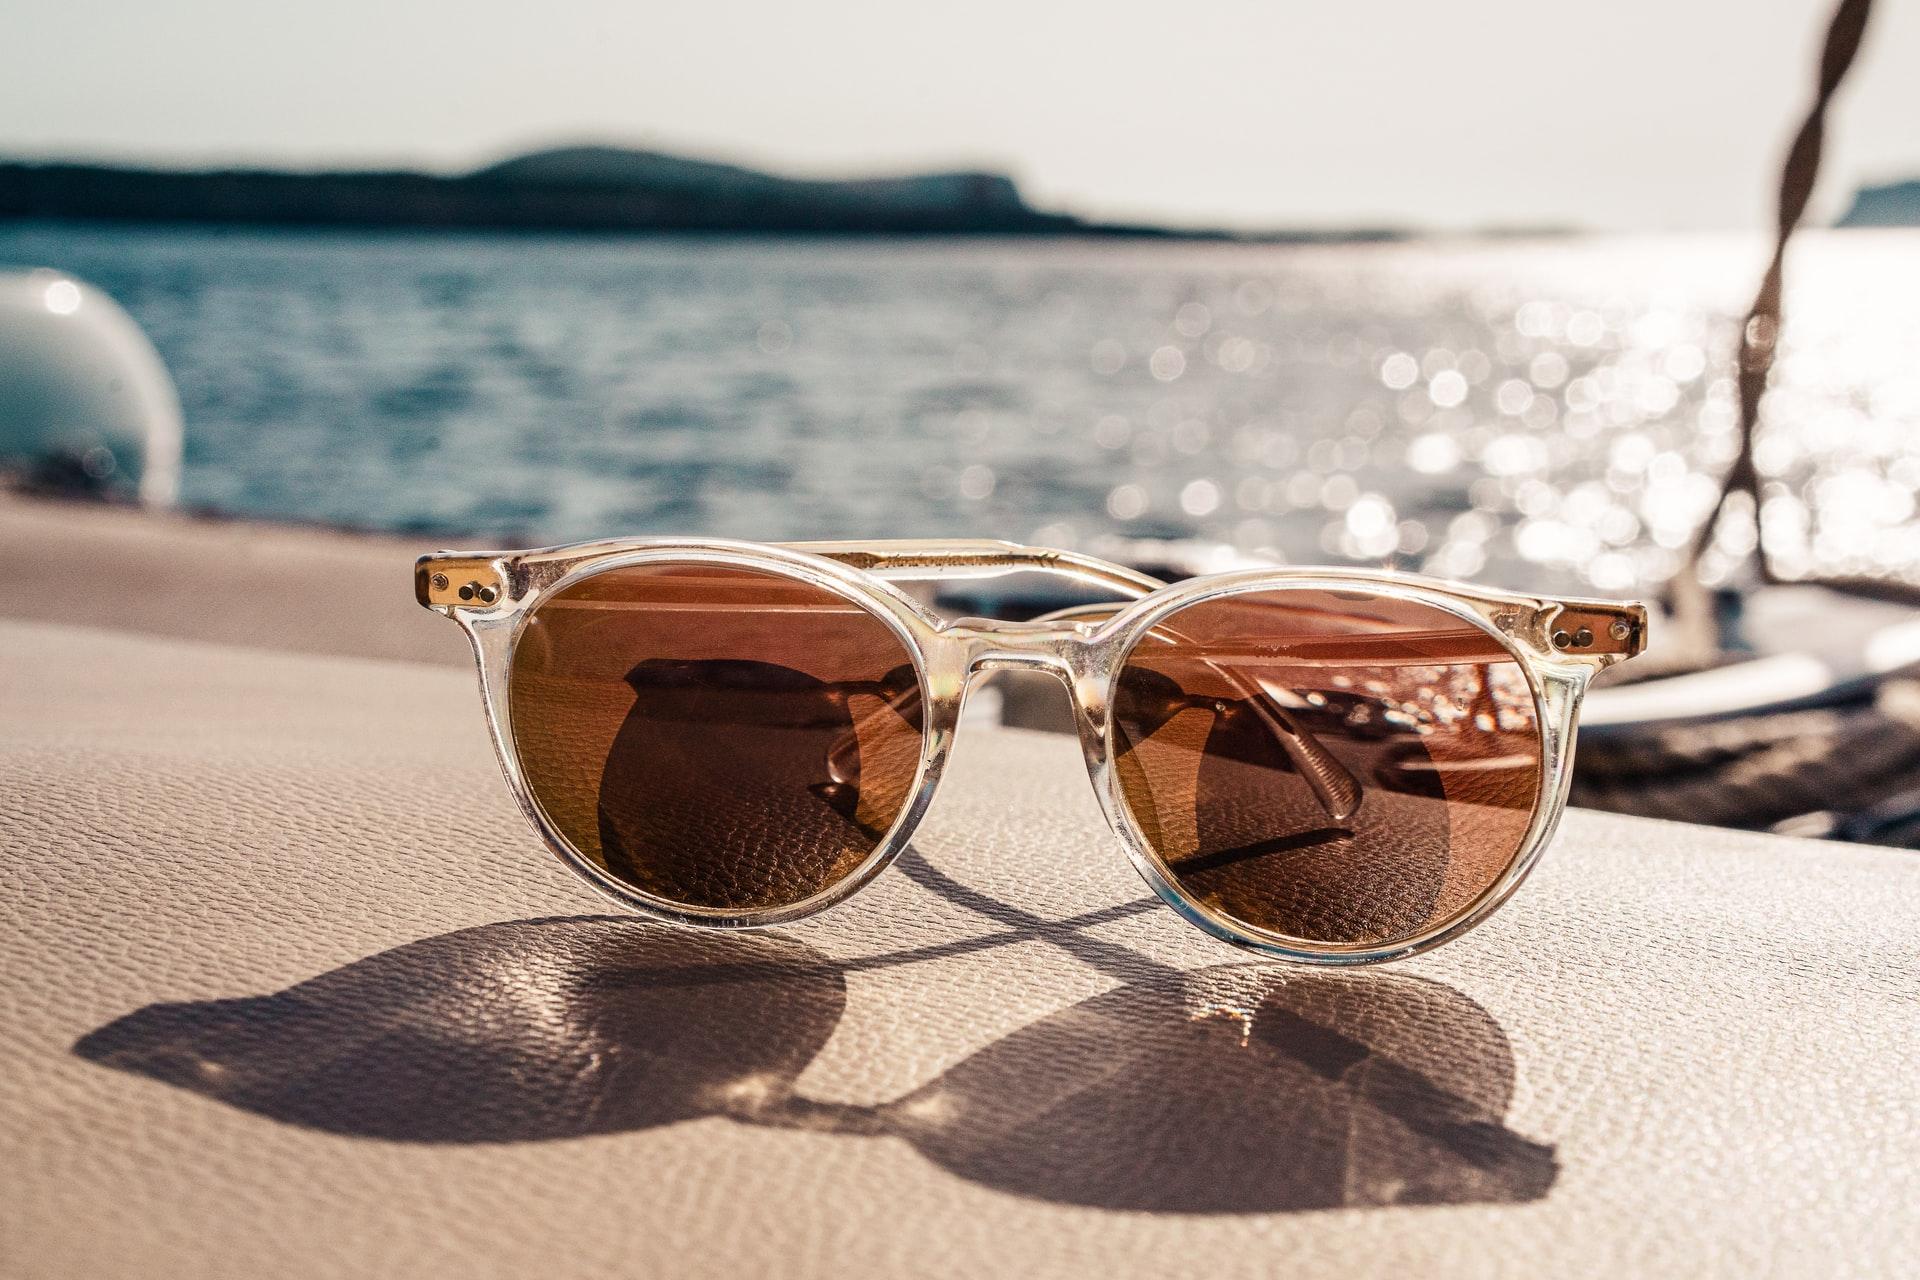 Entre las tendencias en gafas de sol este 2021 destacan las gafas de aviador, las gafas XL, las gafas geométricas y las gafas retro, entre otras